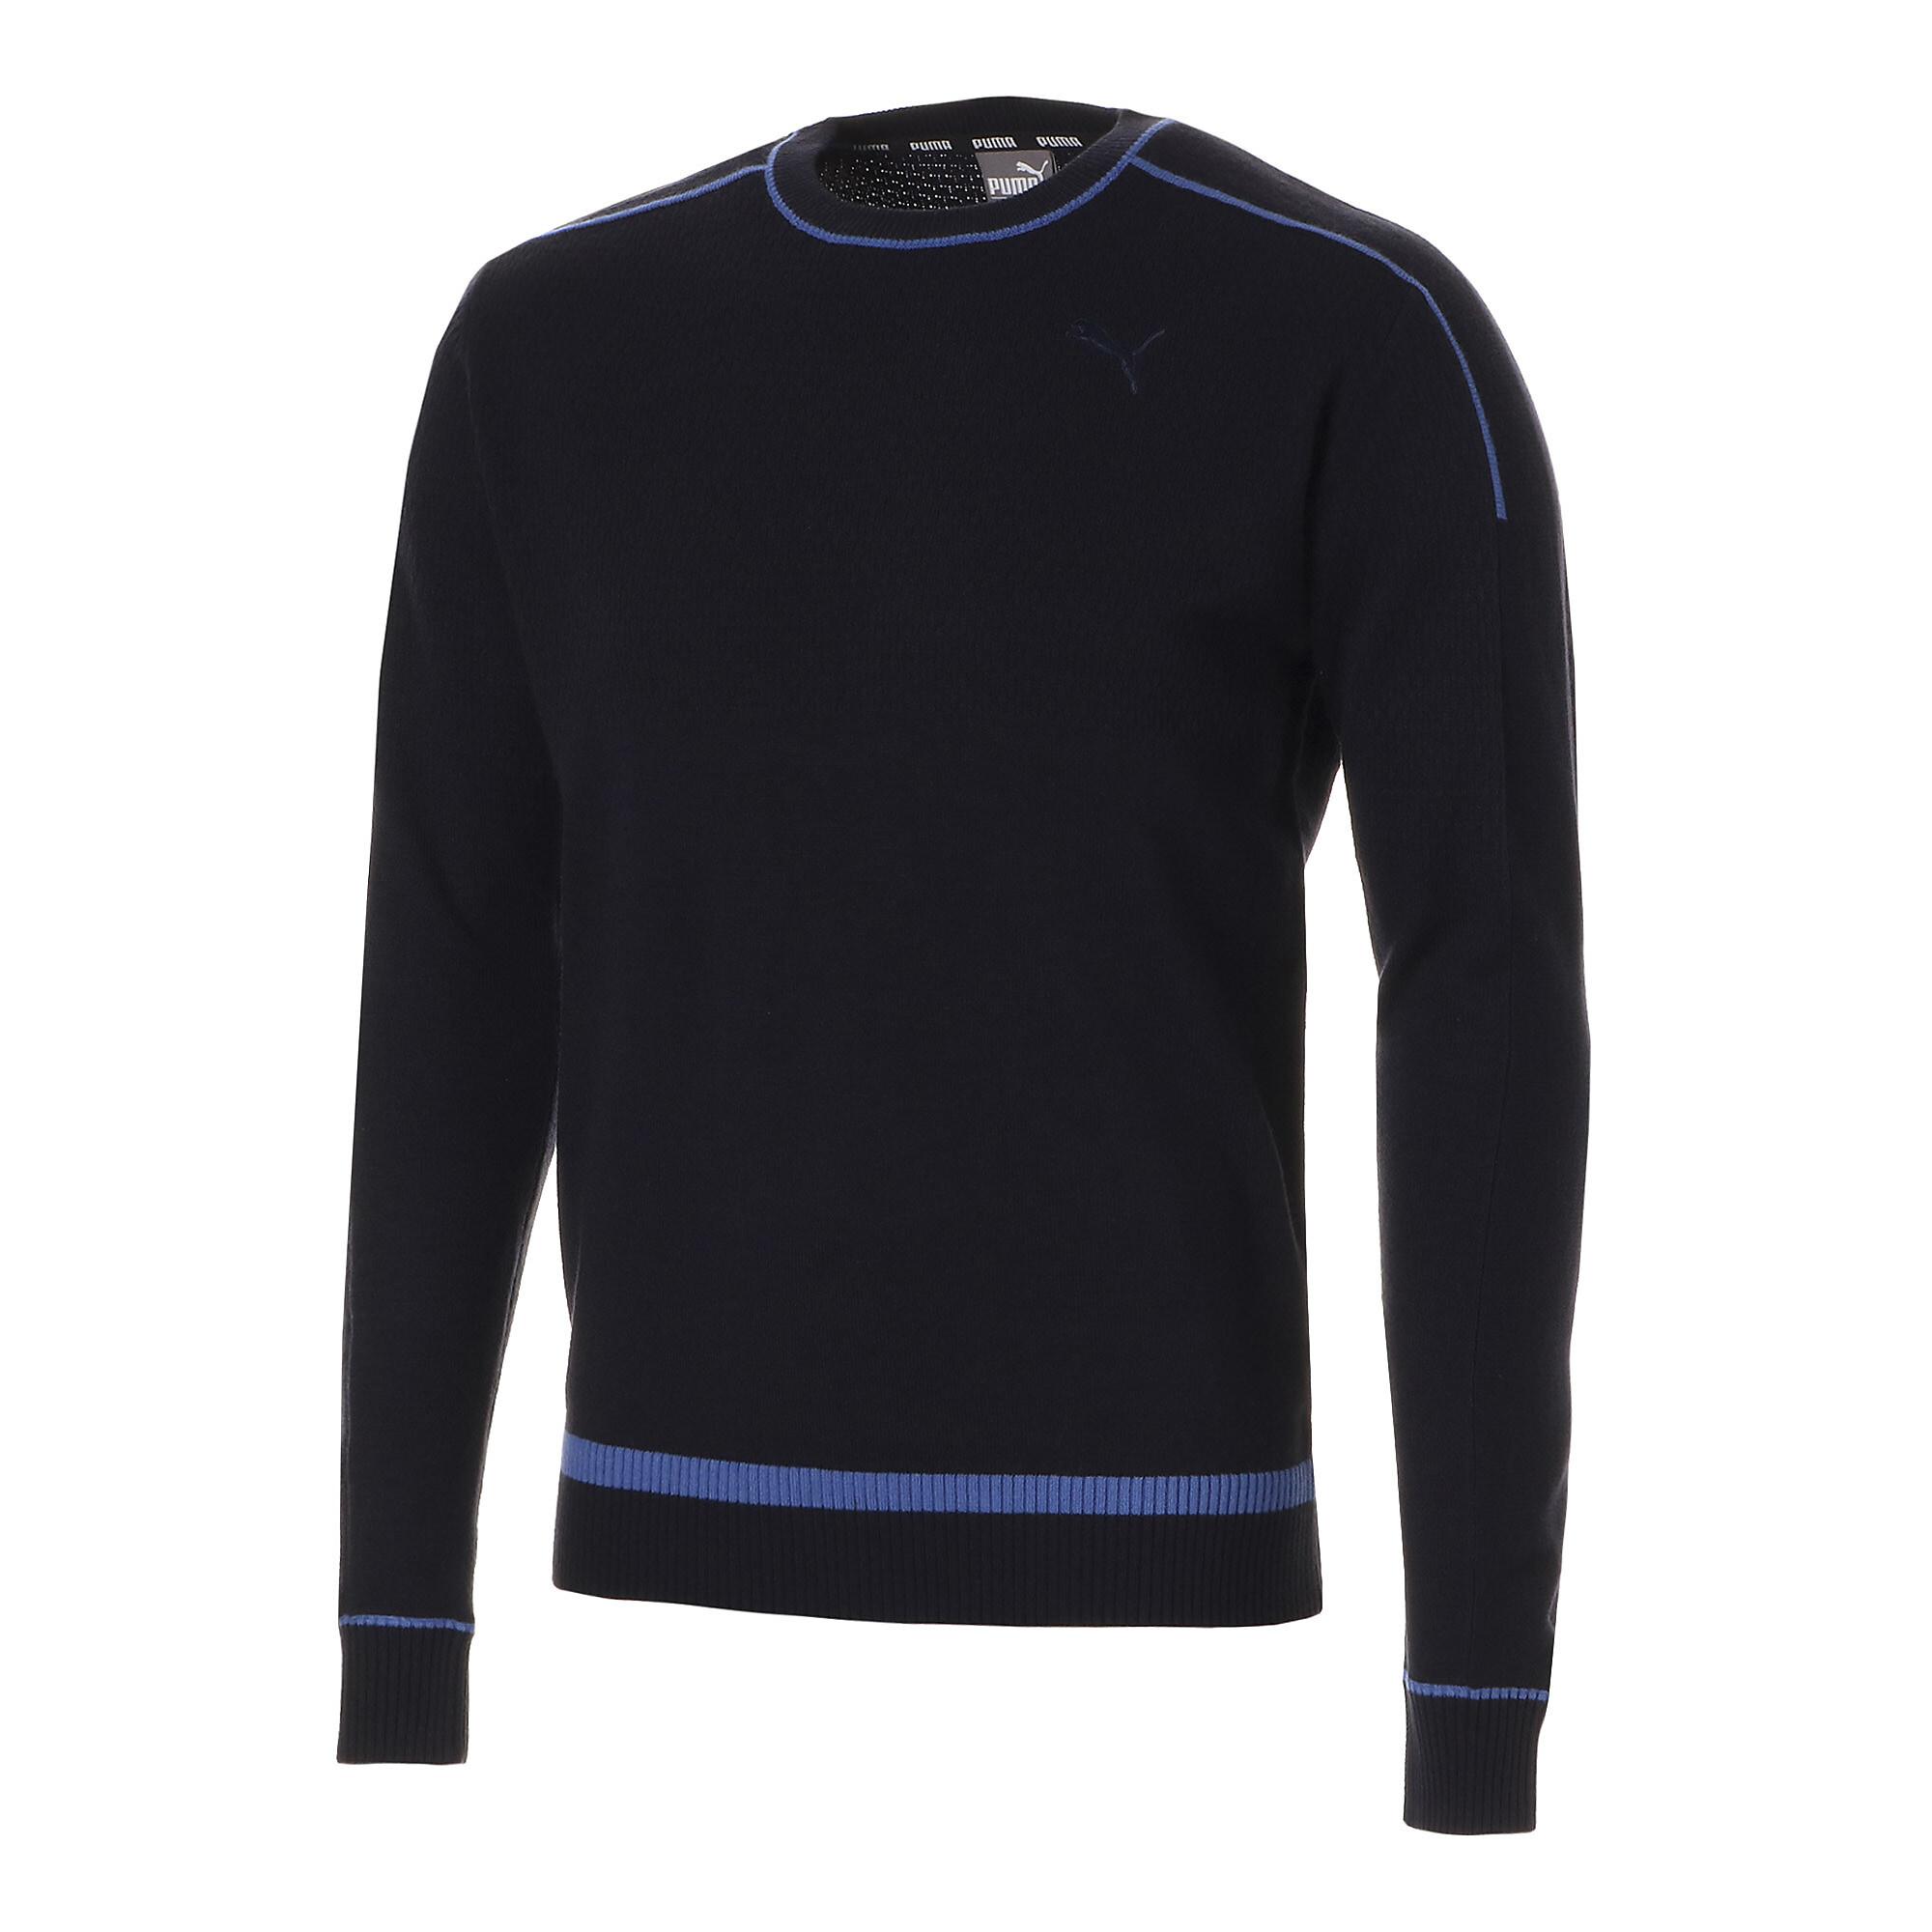 【プーマ公式通販】 プーマ ゴルフ クルーネック セーター メンズ Peacoat |PUMA.com